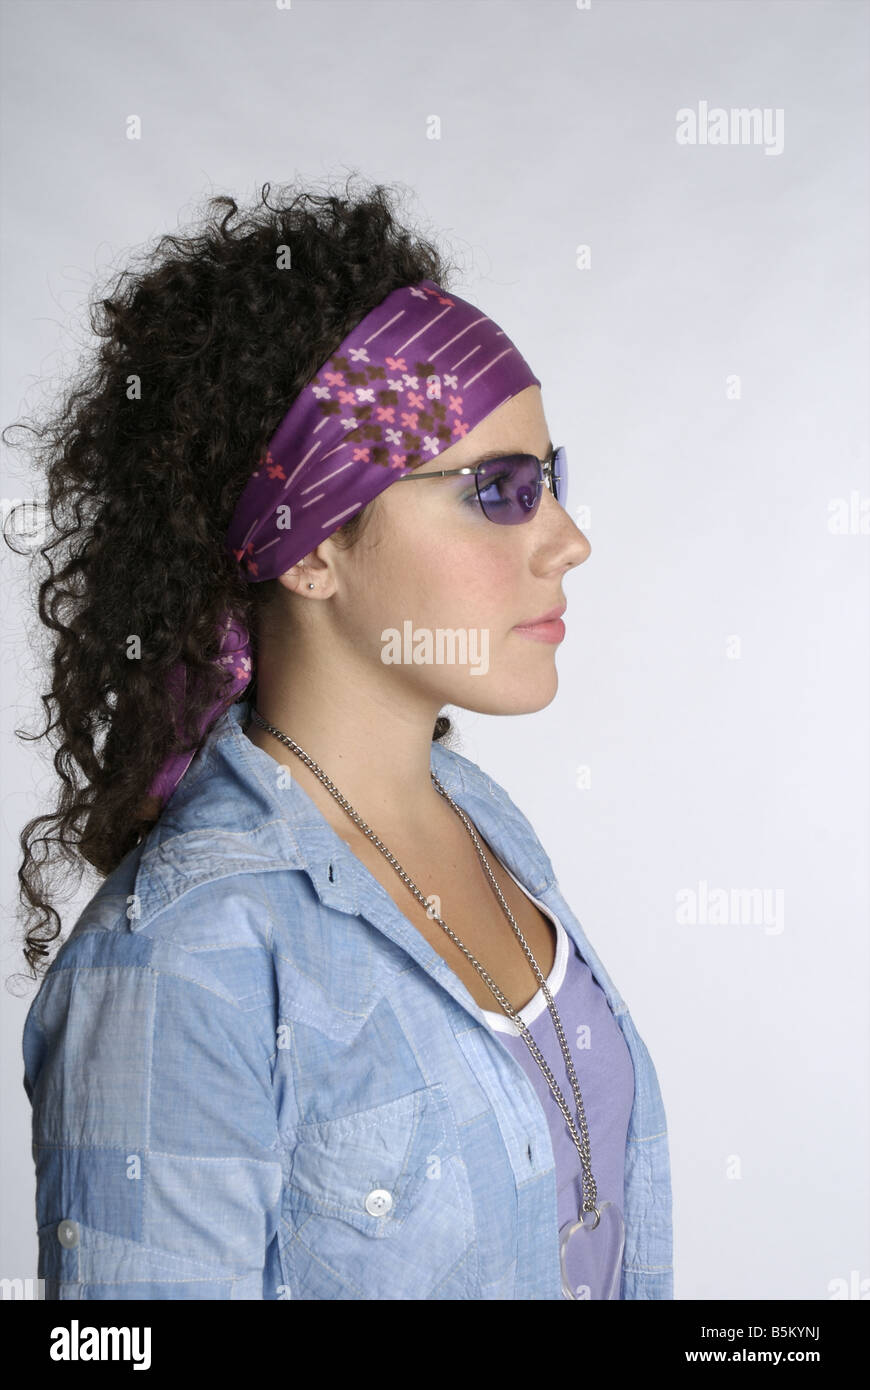 Adolescente di sesso femminile con capelli crespi Immagini Stock